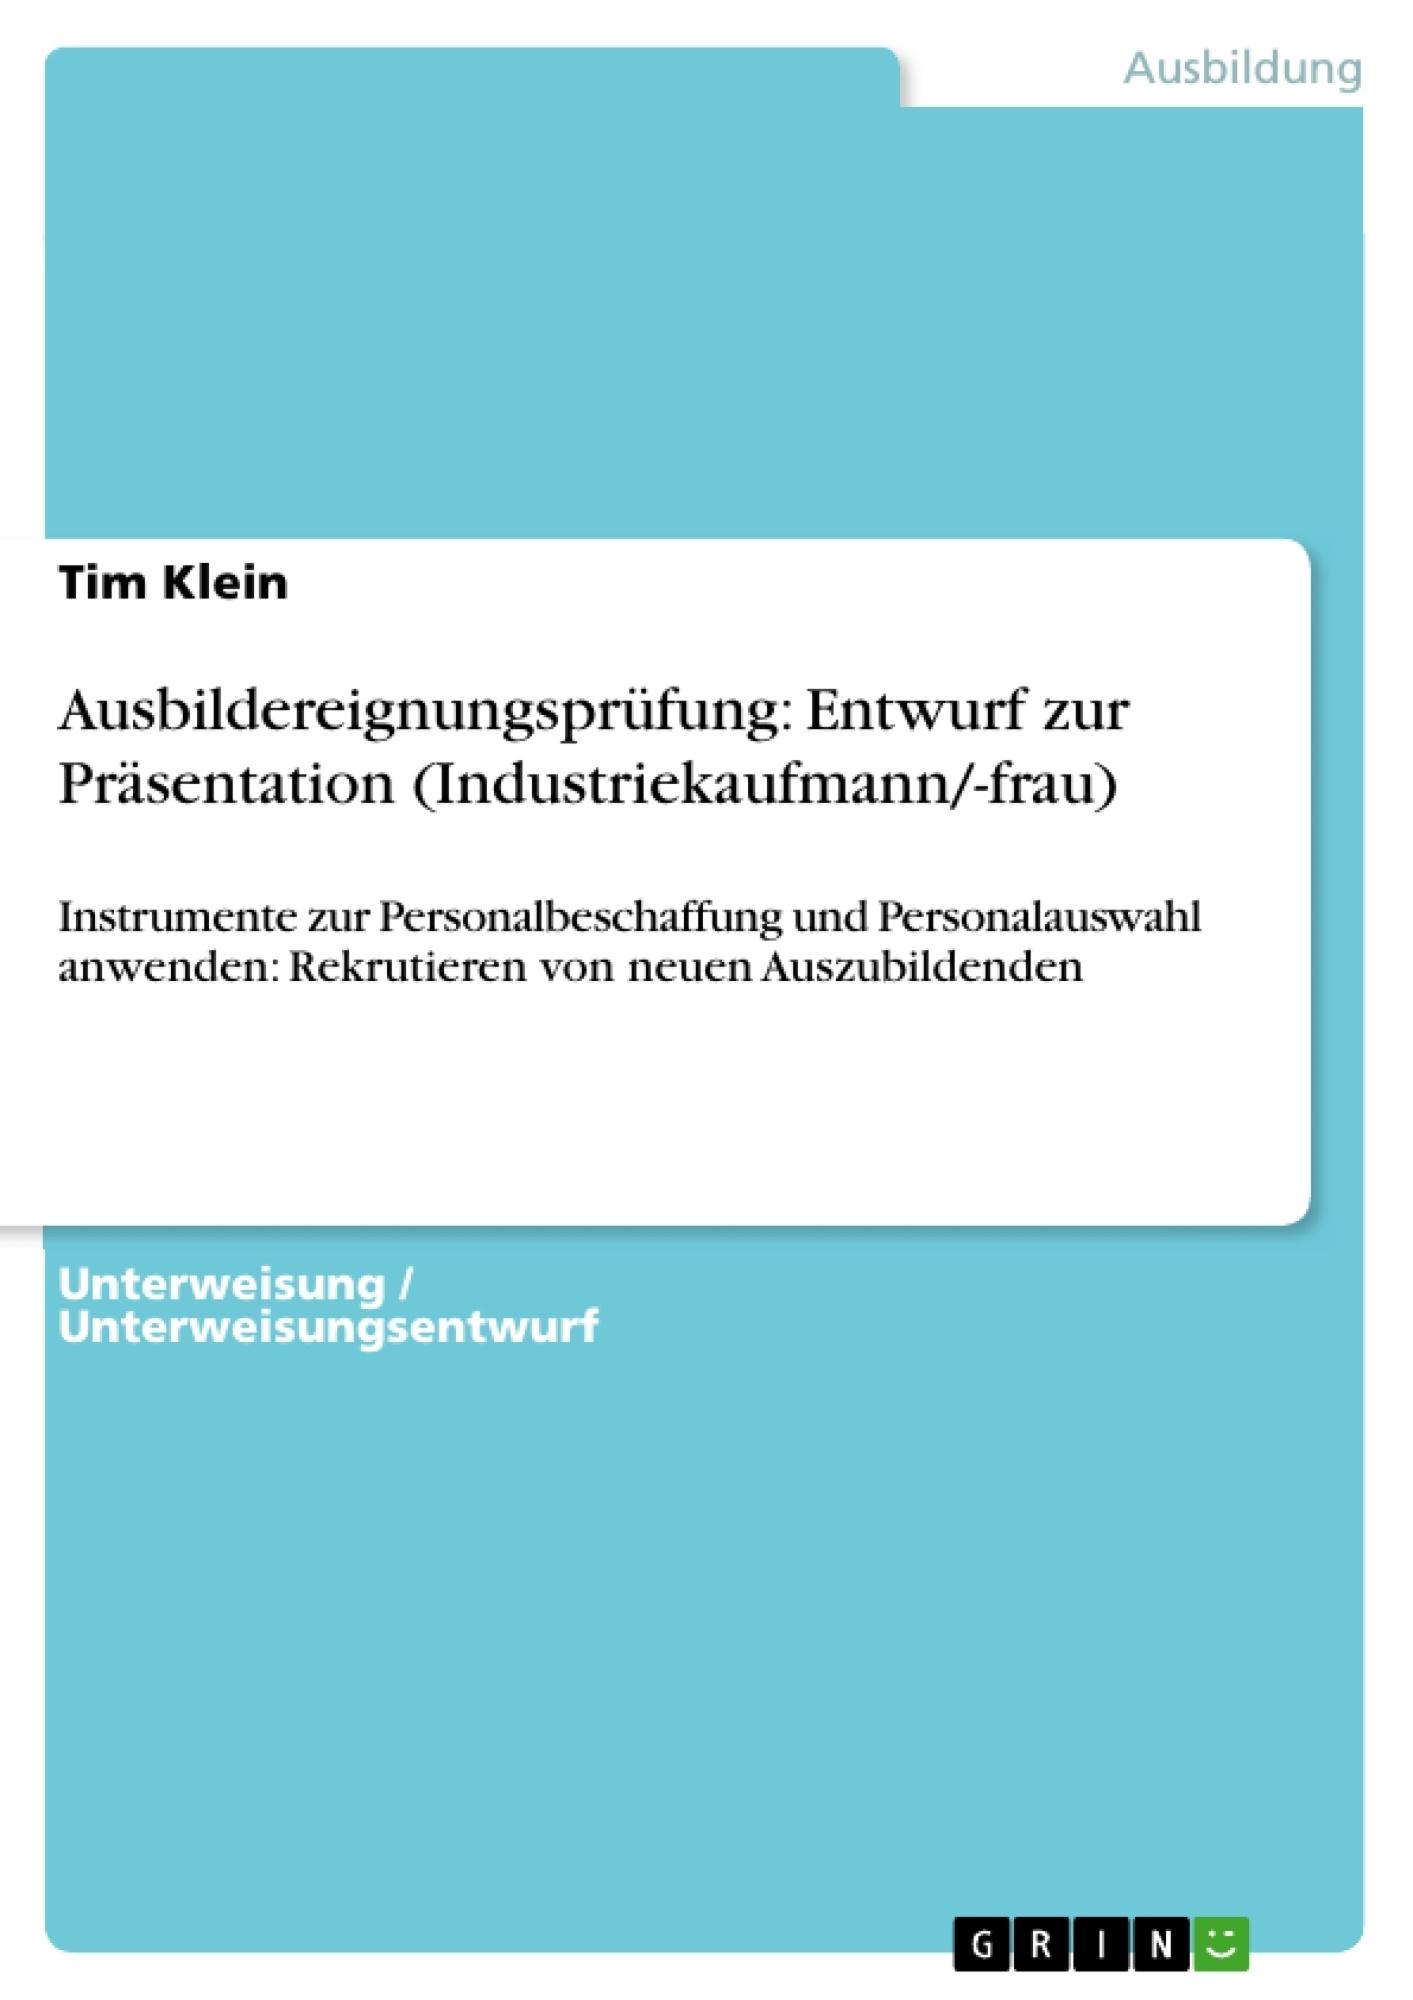 Titel: Ausbildereignungsprüfung: Entwurf zur Präsentation (Industriekaufmann/-frau)